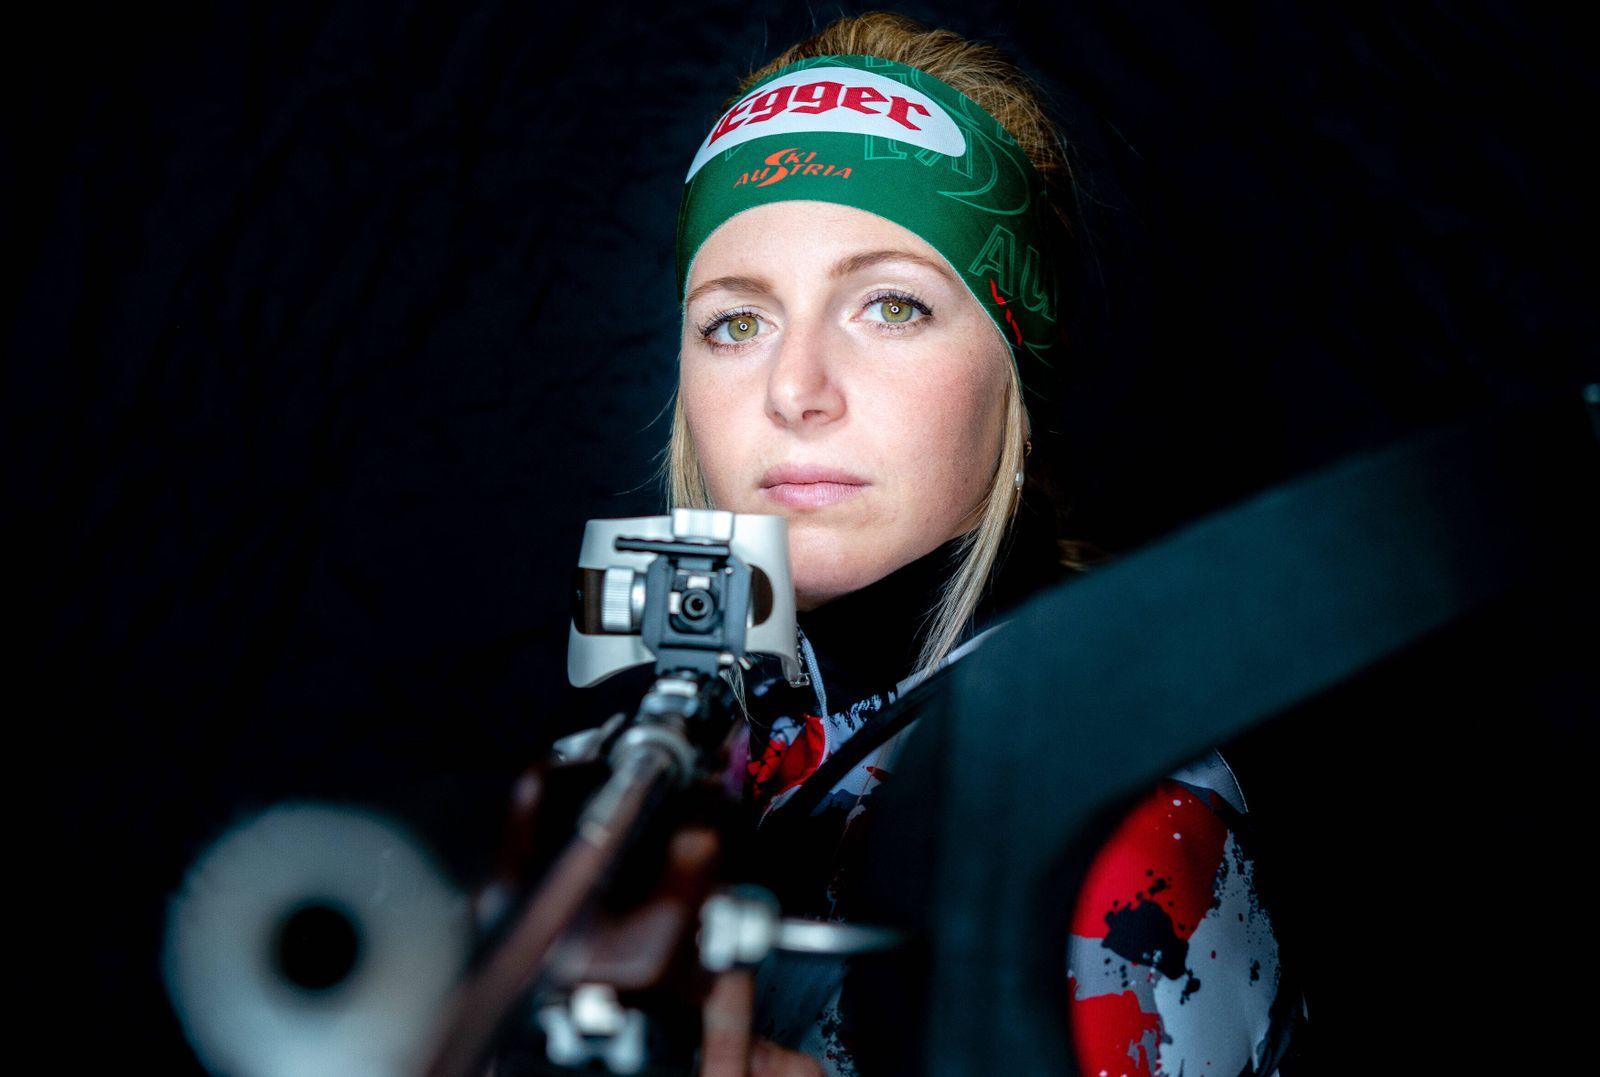 Sport Bilder des Tages 24.10.2020, Reith bei Kitzbuehel, AUT, Lisa Theresa Hauser im Portrait, im Bild die Oesterreichis